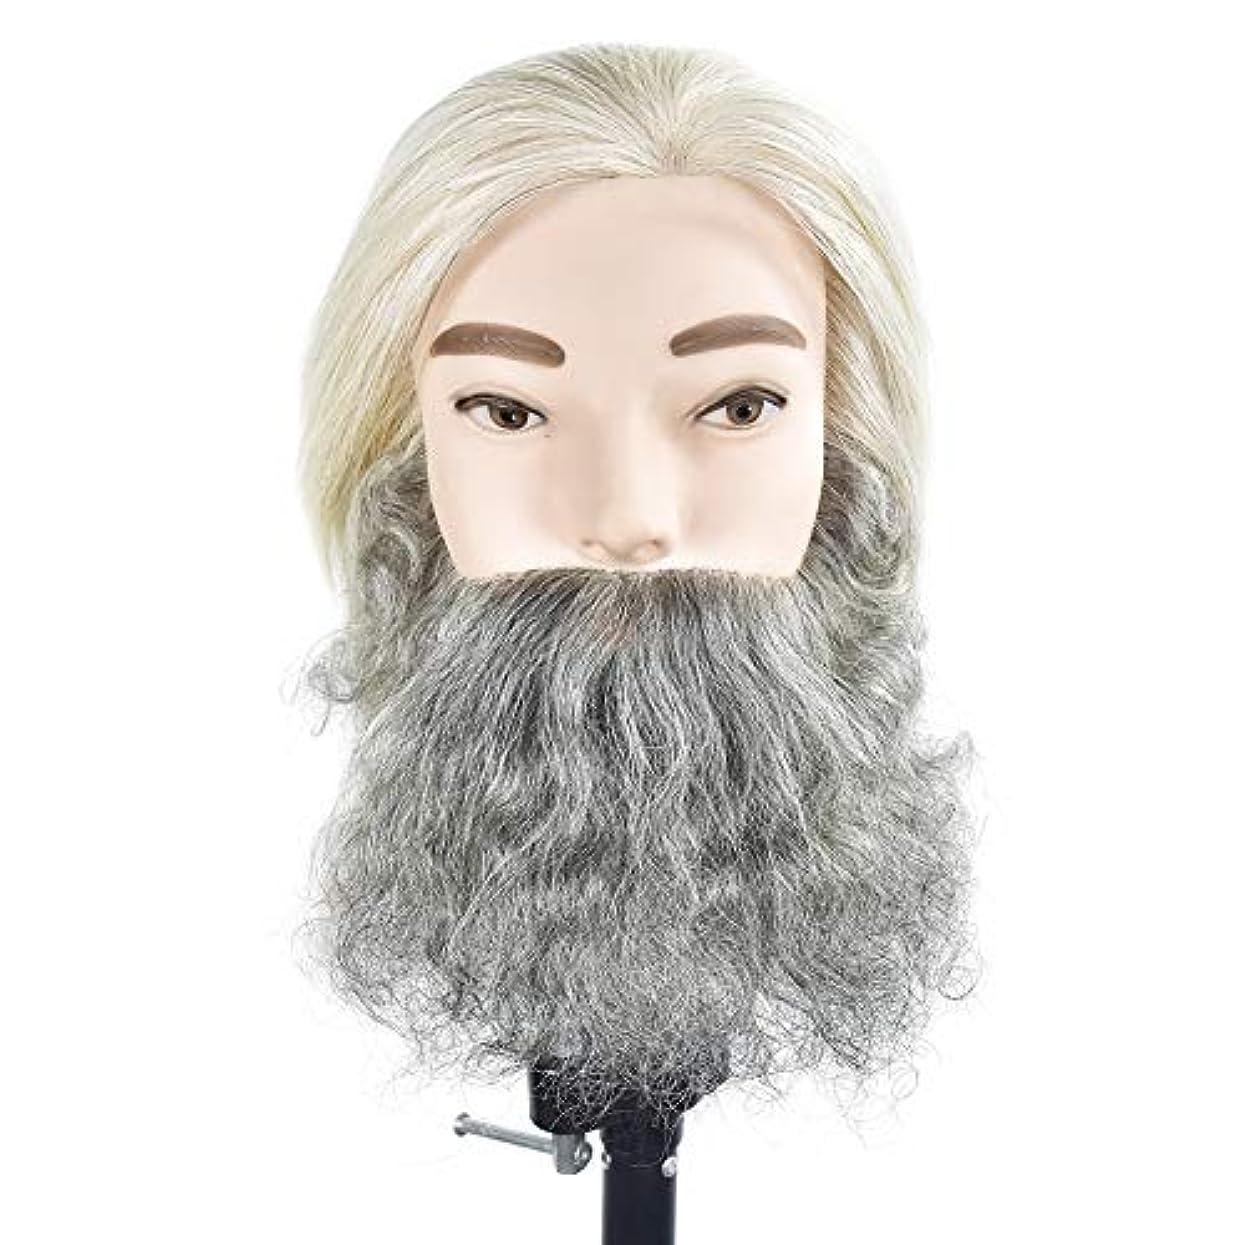 リアル人間の髪トレーニングヘッドパーマ髪モデル髪染め理髪ダミーヘッドトリミングひげ学習ヘッドモデル